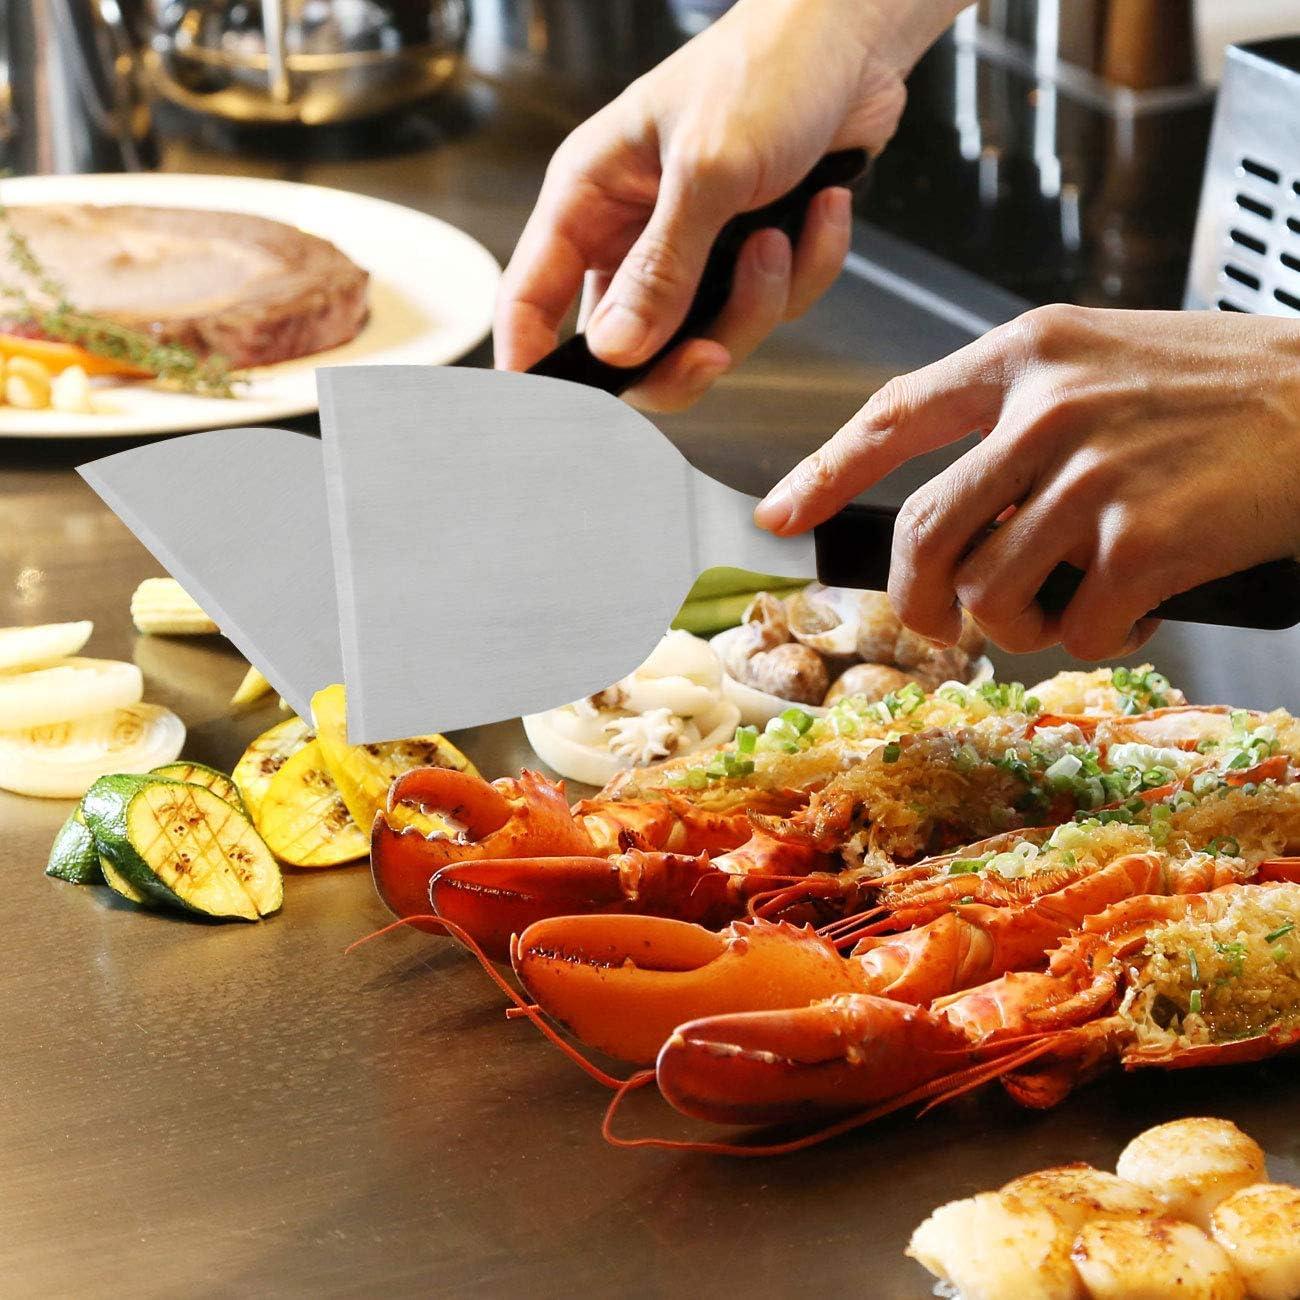 Adanse Kit DAccessoires Griddle Outil 6 Piece Professional Grill Spatule /& Scraper Set Flipper en Acier Inoxydable pour Flat Top Grill Hibachi BBQ Camping Cuisine au Lave-Vaisselle